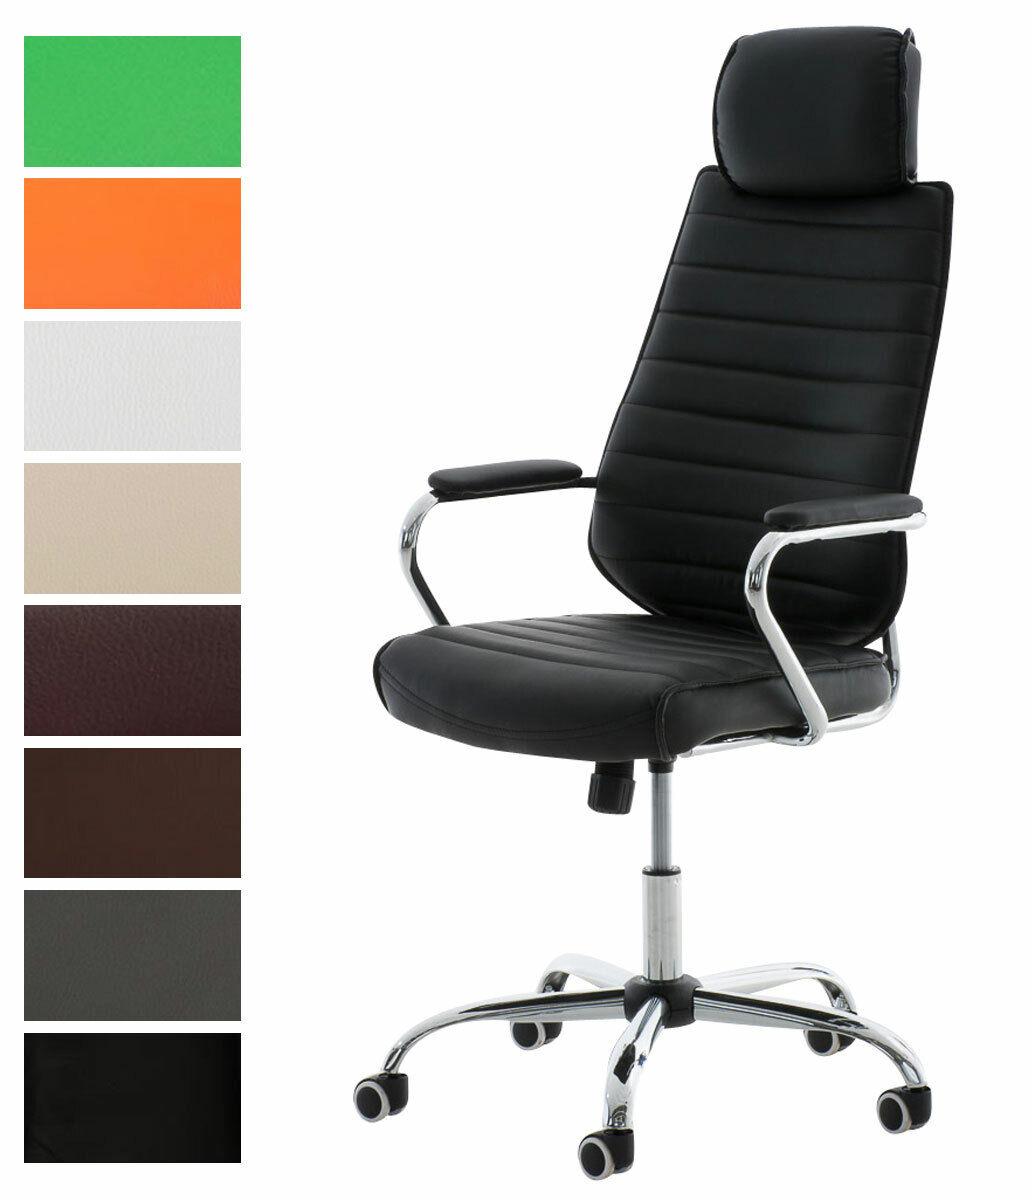 Bürostuhl Rako V2 Kunstleder mit Armlehne Schreibtischstuhl Büromöbel drehbar